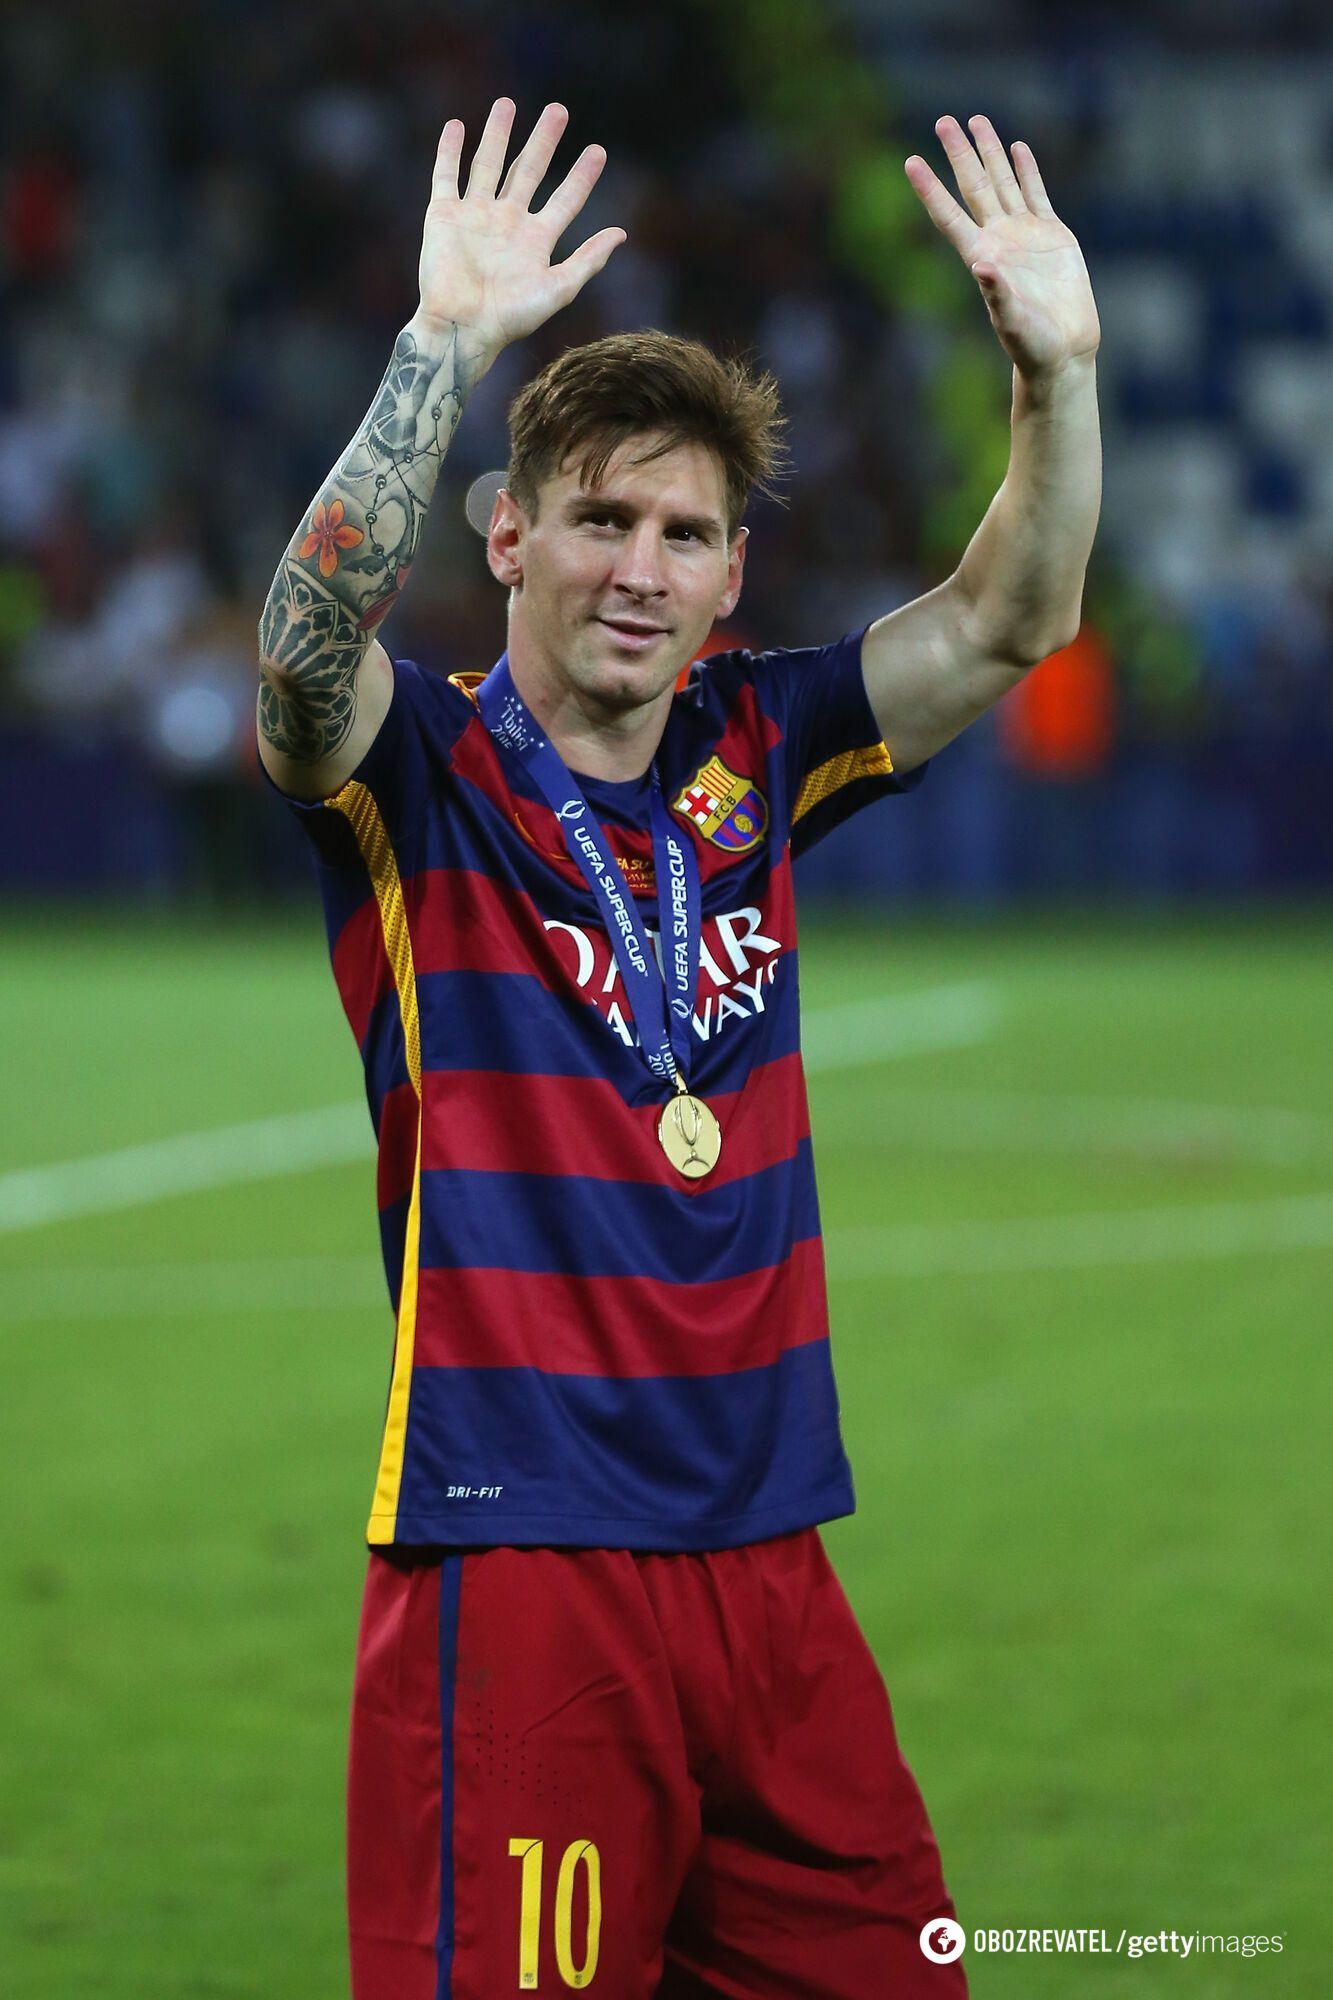 Месси с медалью за победу в Суперкубке УЕФА (2015 год)